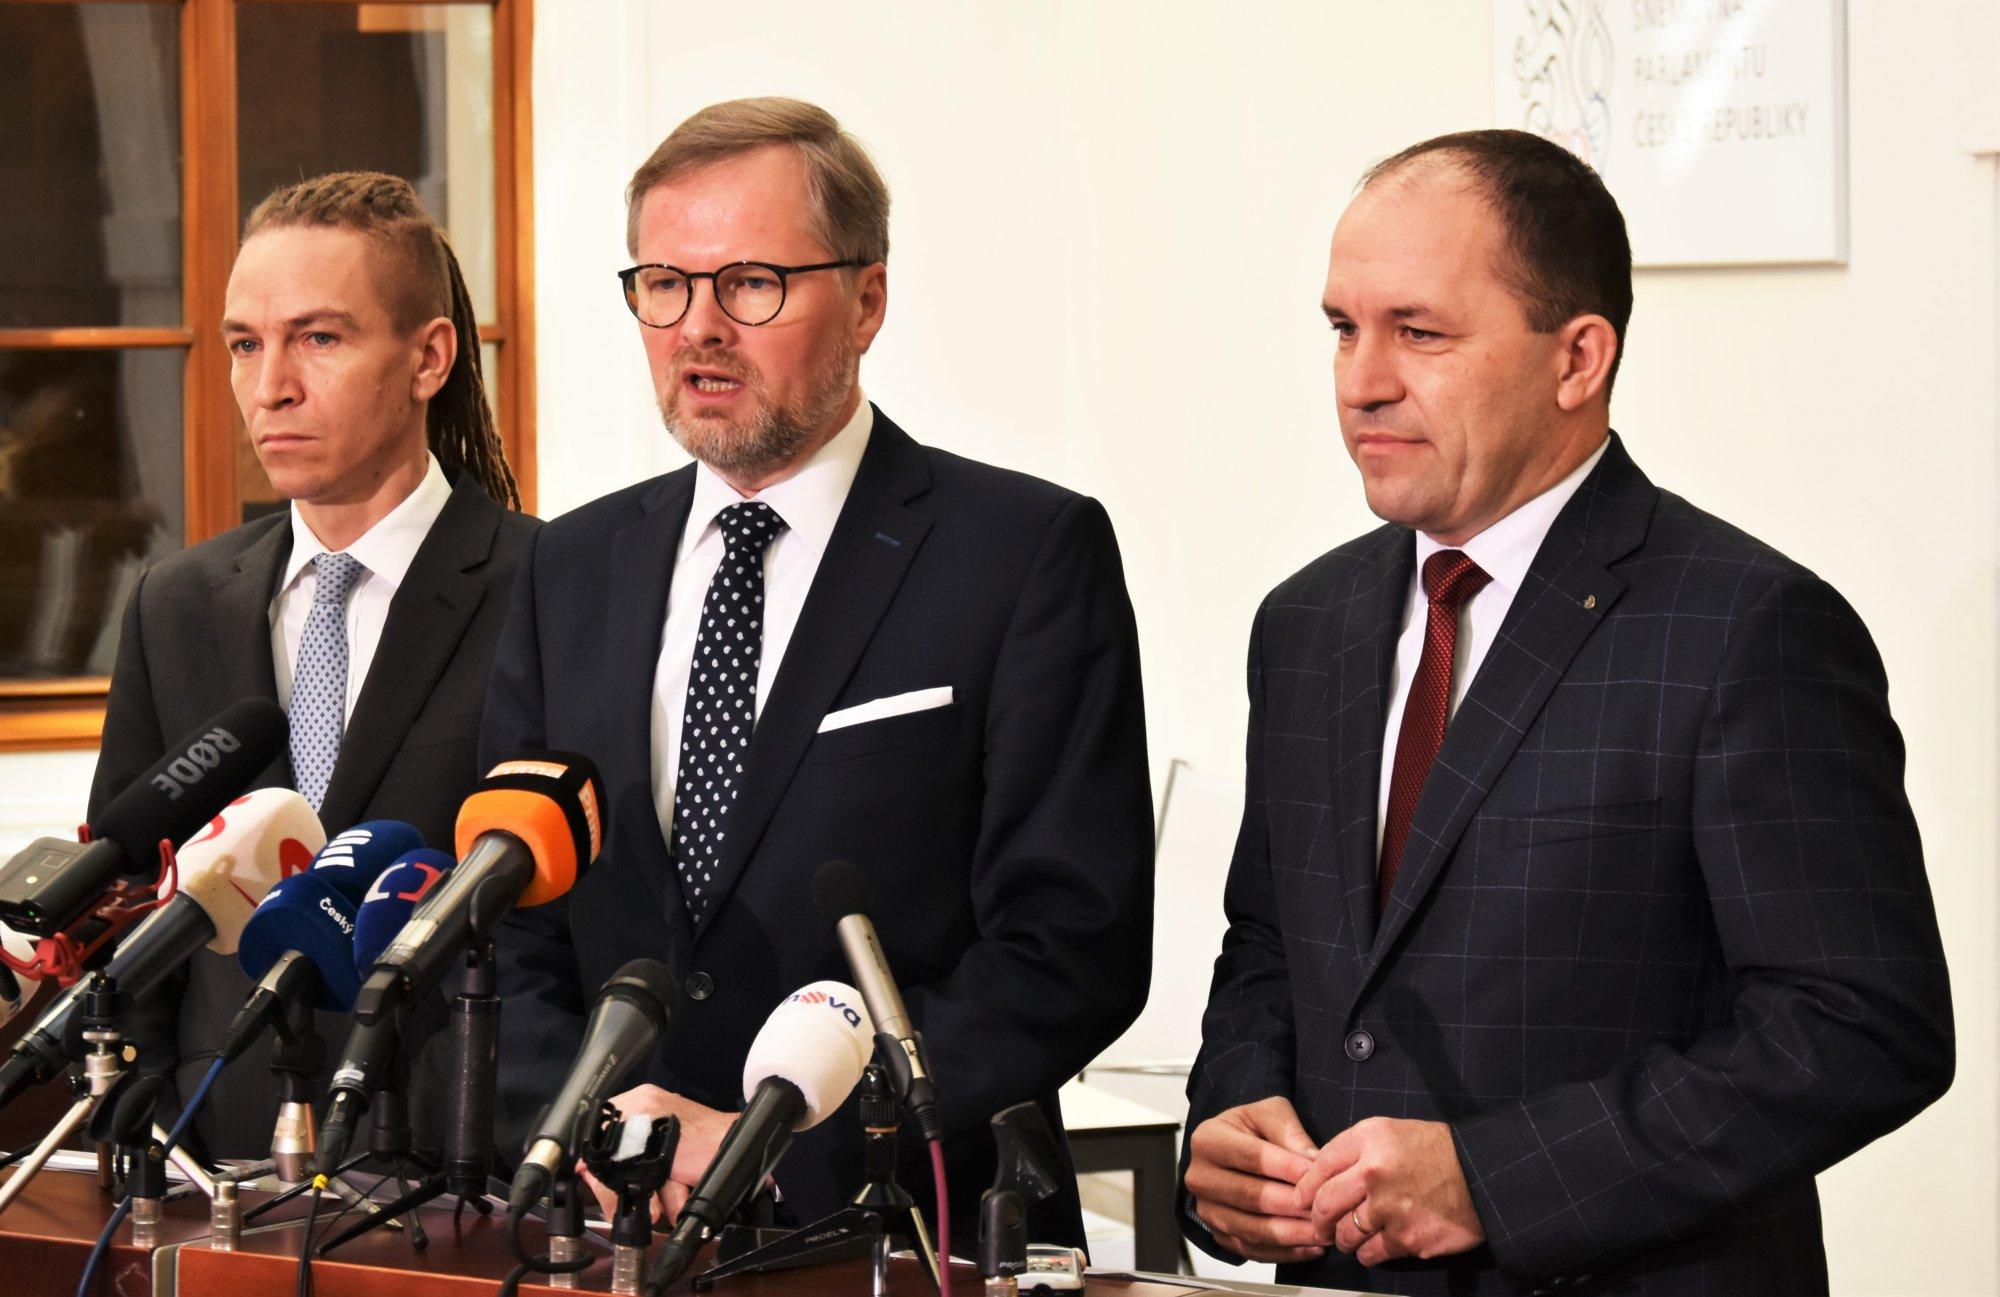 Petr Fiala: Neschopnost Babišovy vlády brání ČR v normálním fungování. Chceme mimořádnou schůzi Sněmovny